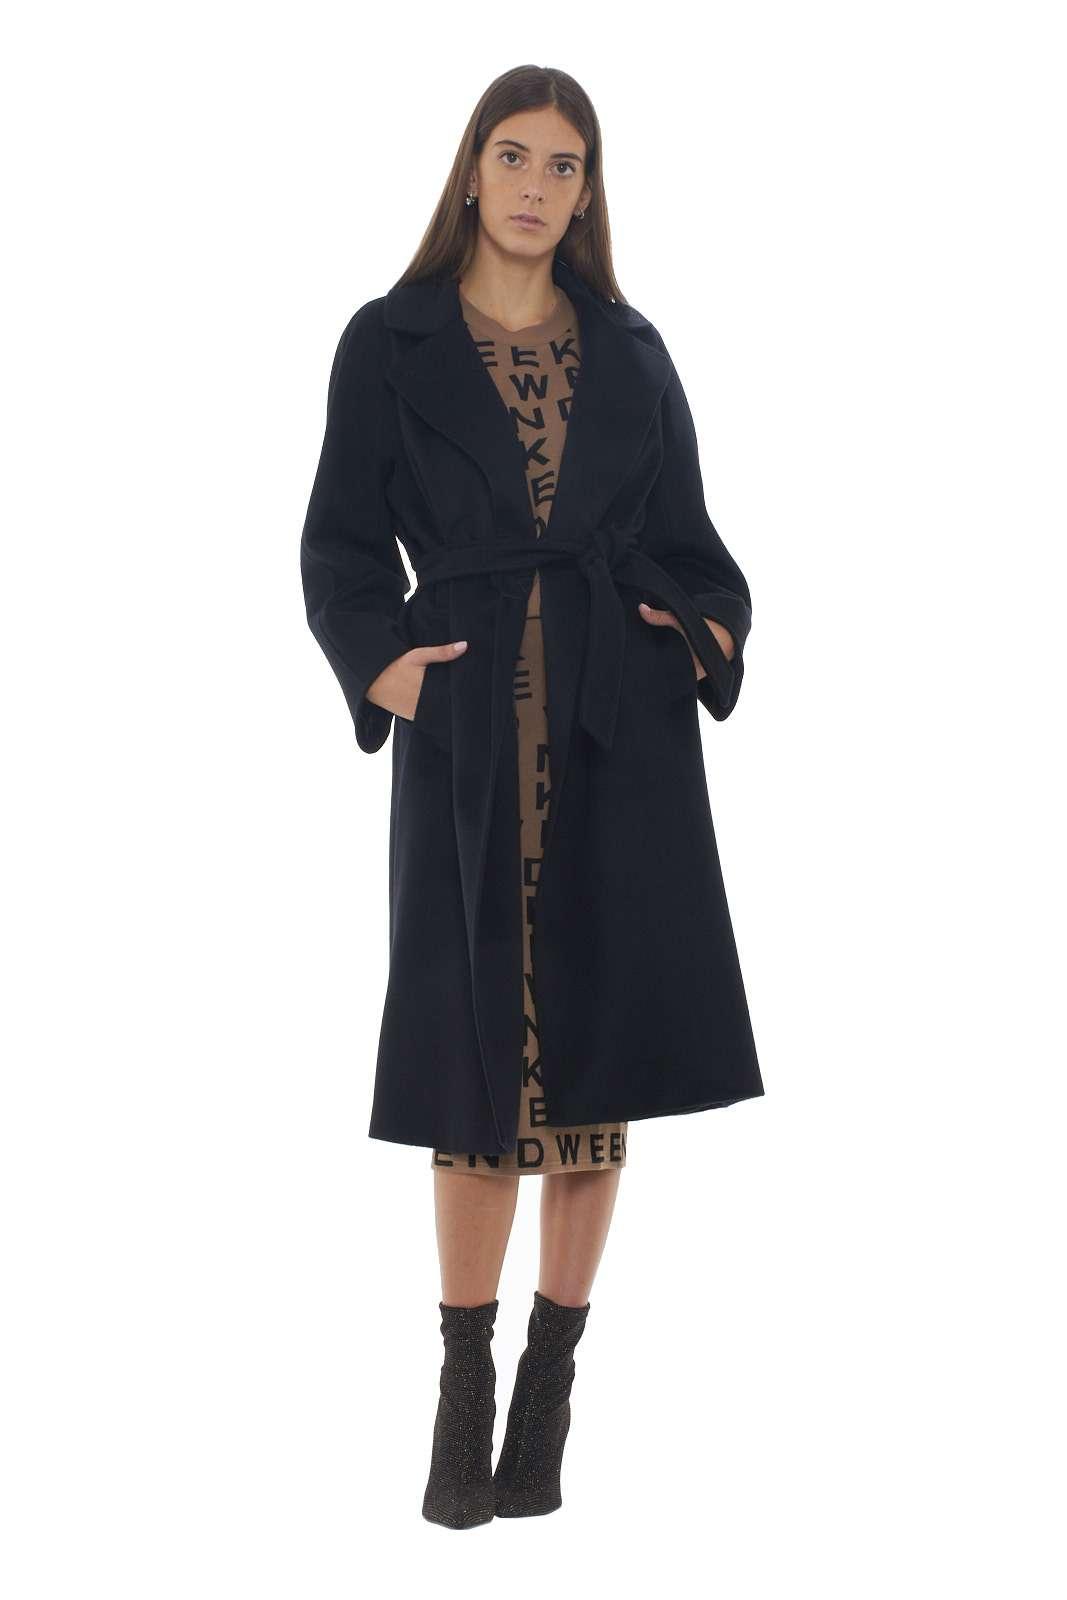 https://www.parmax.com/media/catalog/product/a/i/AI-outlet_parmax-cappotto-donna-MaxMara-50161493-A.jpg